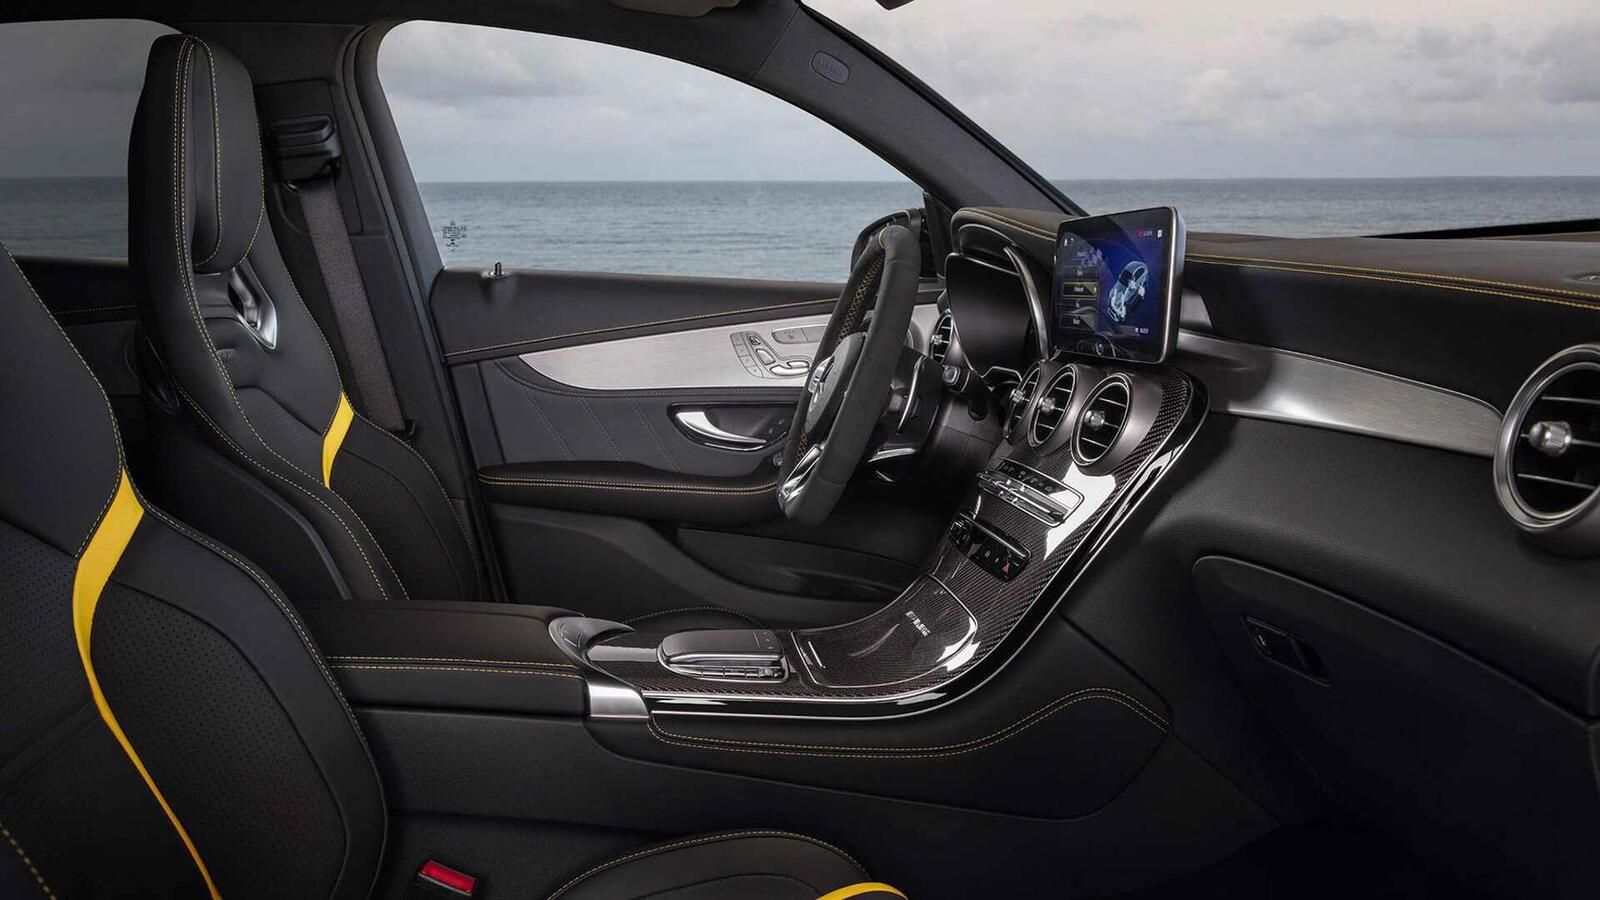 Mercedes-AMG giới thiệu GLC và GLC Coupe 63 mới lắp động cơ V8 4.0L Biturbo mạnh hơn 460 mã lực - Hình 32